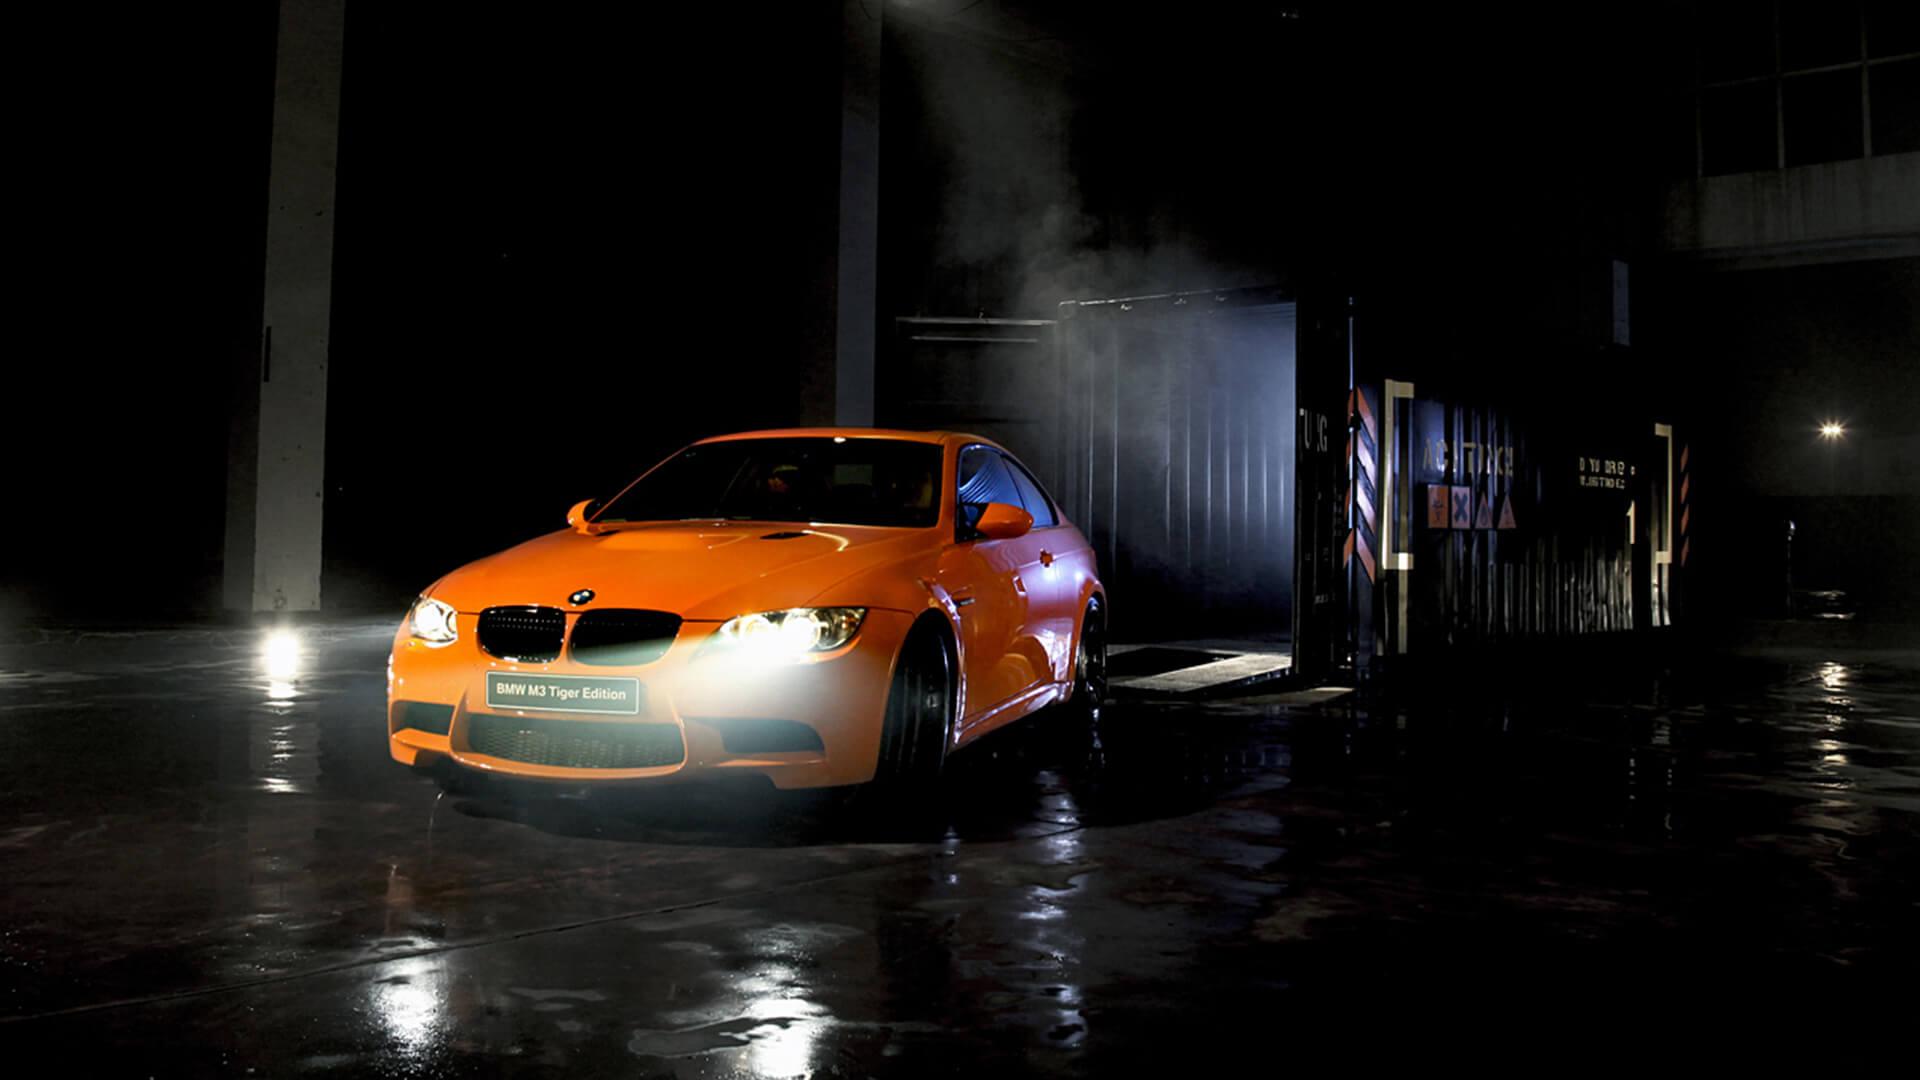 Yellow BMW car on a dark background.